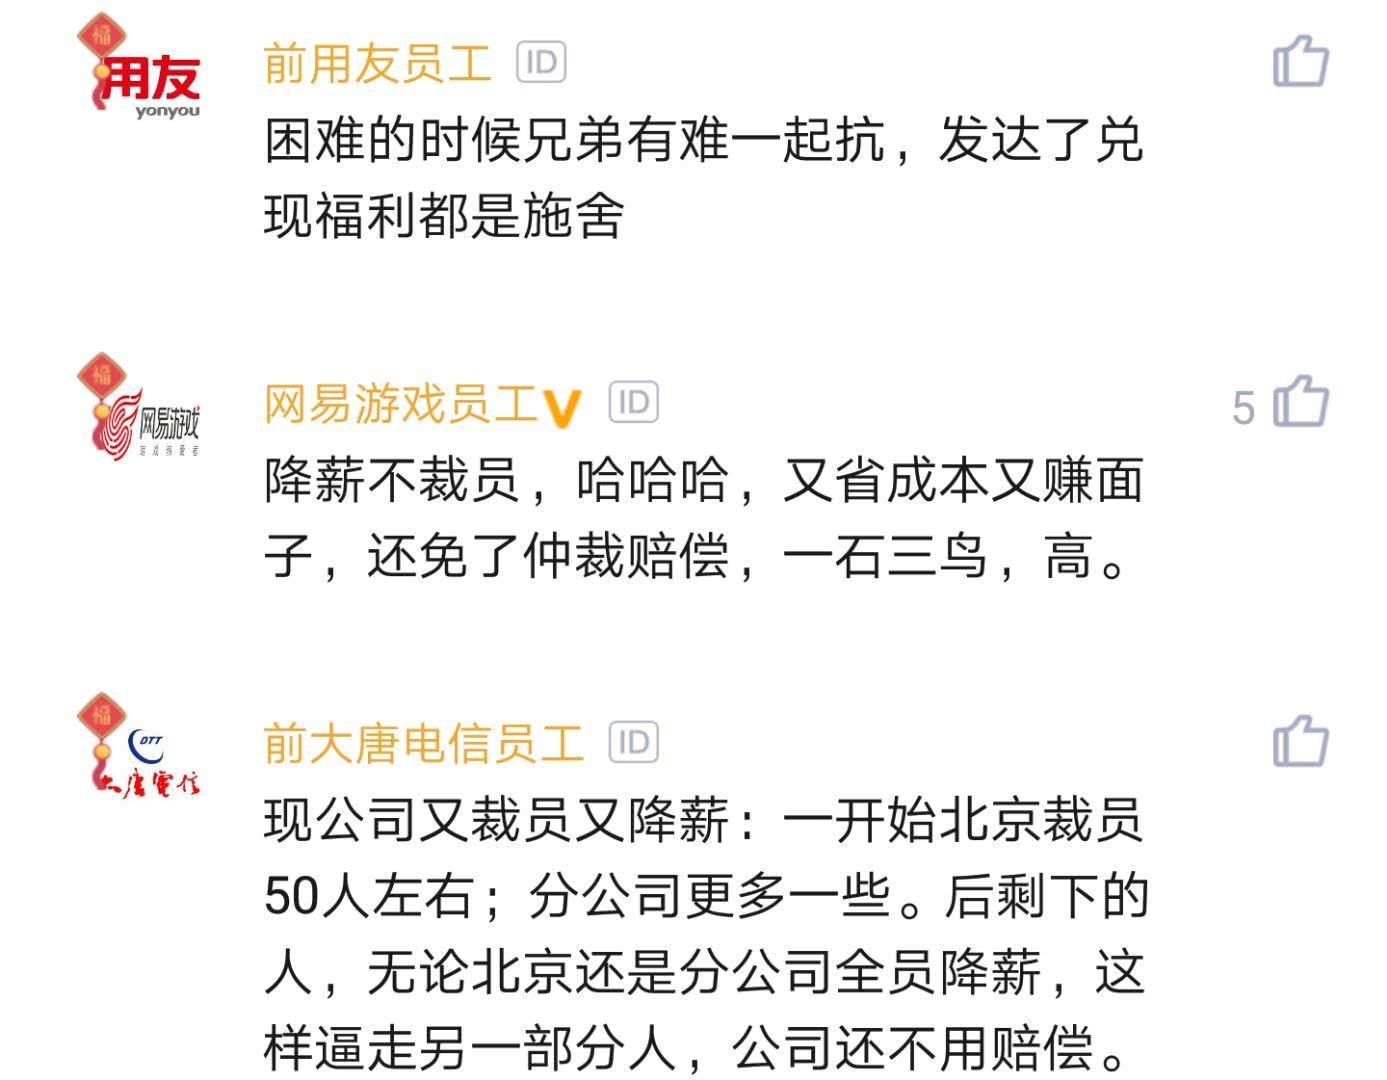 程序员为何不愿意愿意与公司共患难_www.epx365.cn